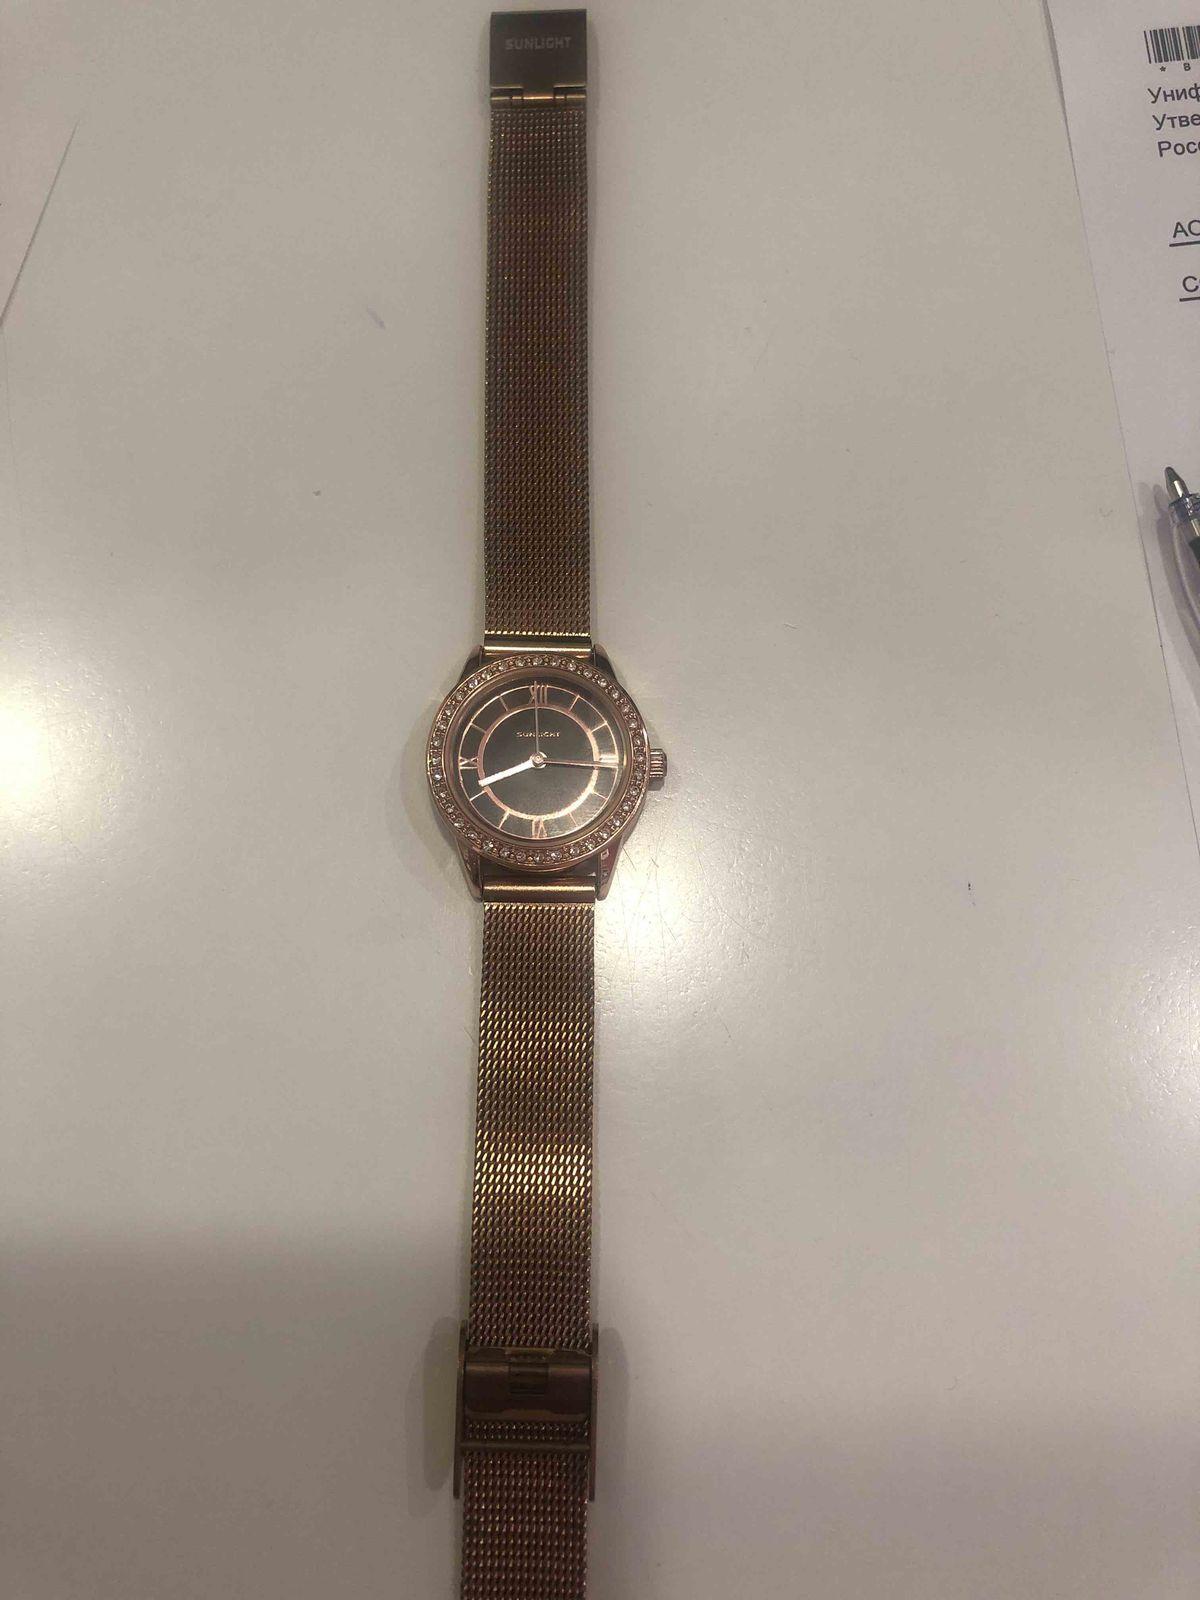 Я влюбилась в эти часы ❤️